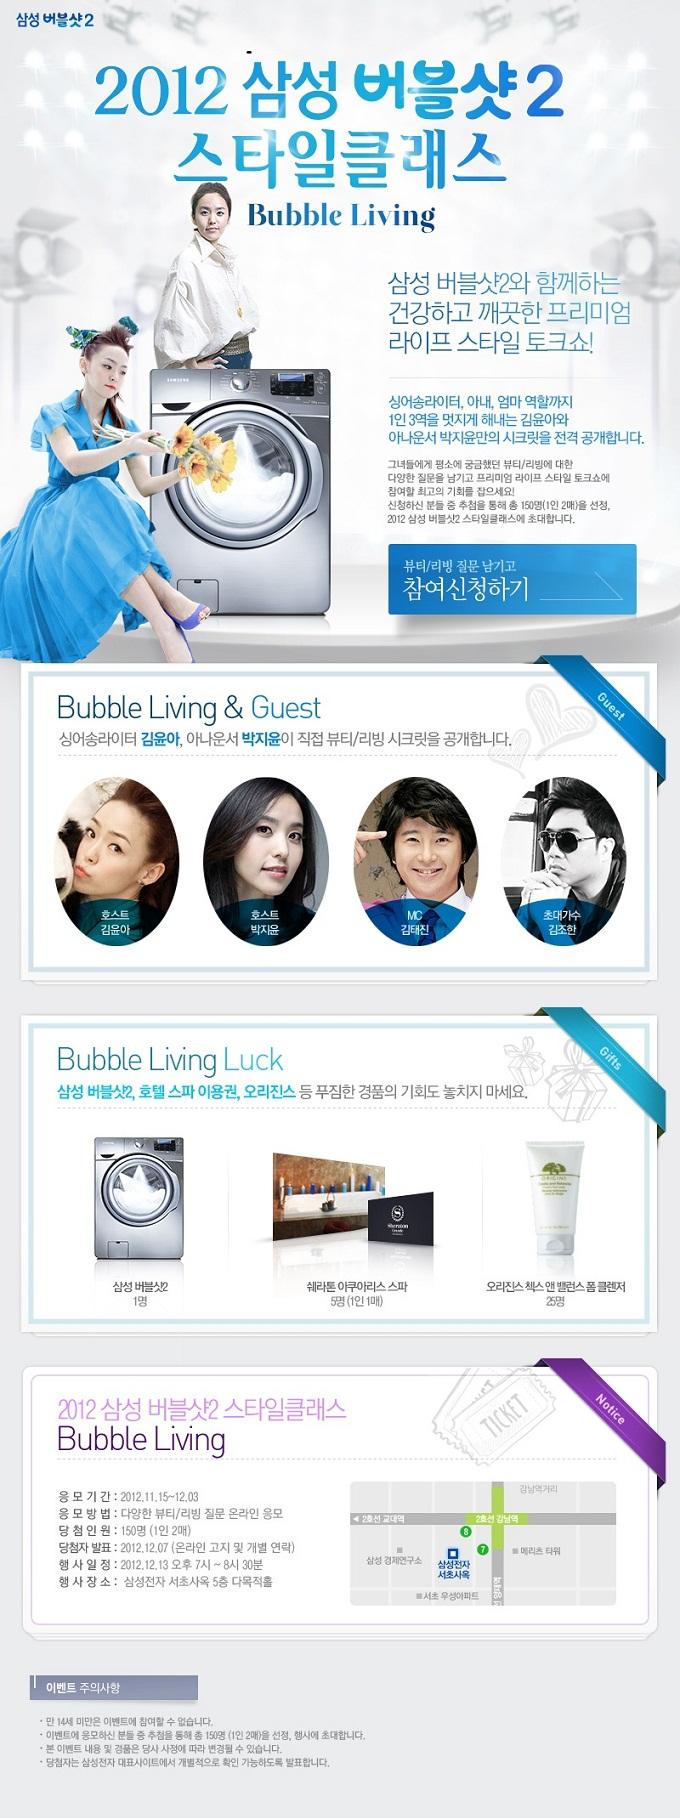 2012 삼성 버블샷 2 스타일 클래스 bubble living 삼성 버블샷2와 함께하는 건강하고 깨끗한 프리미엄 라이프 스타일 토크쇼, 뷰티/리빙 질문 남기고 참여 신청하기